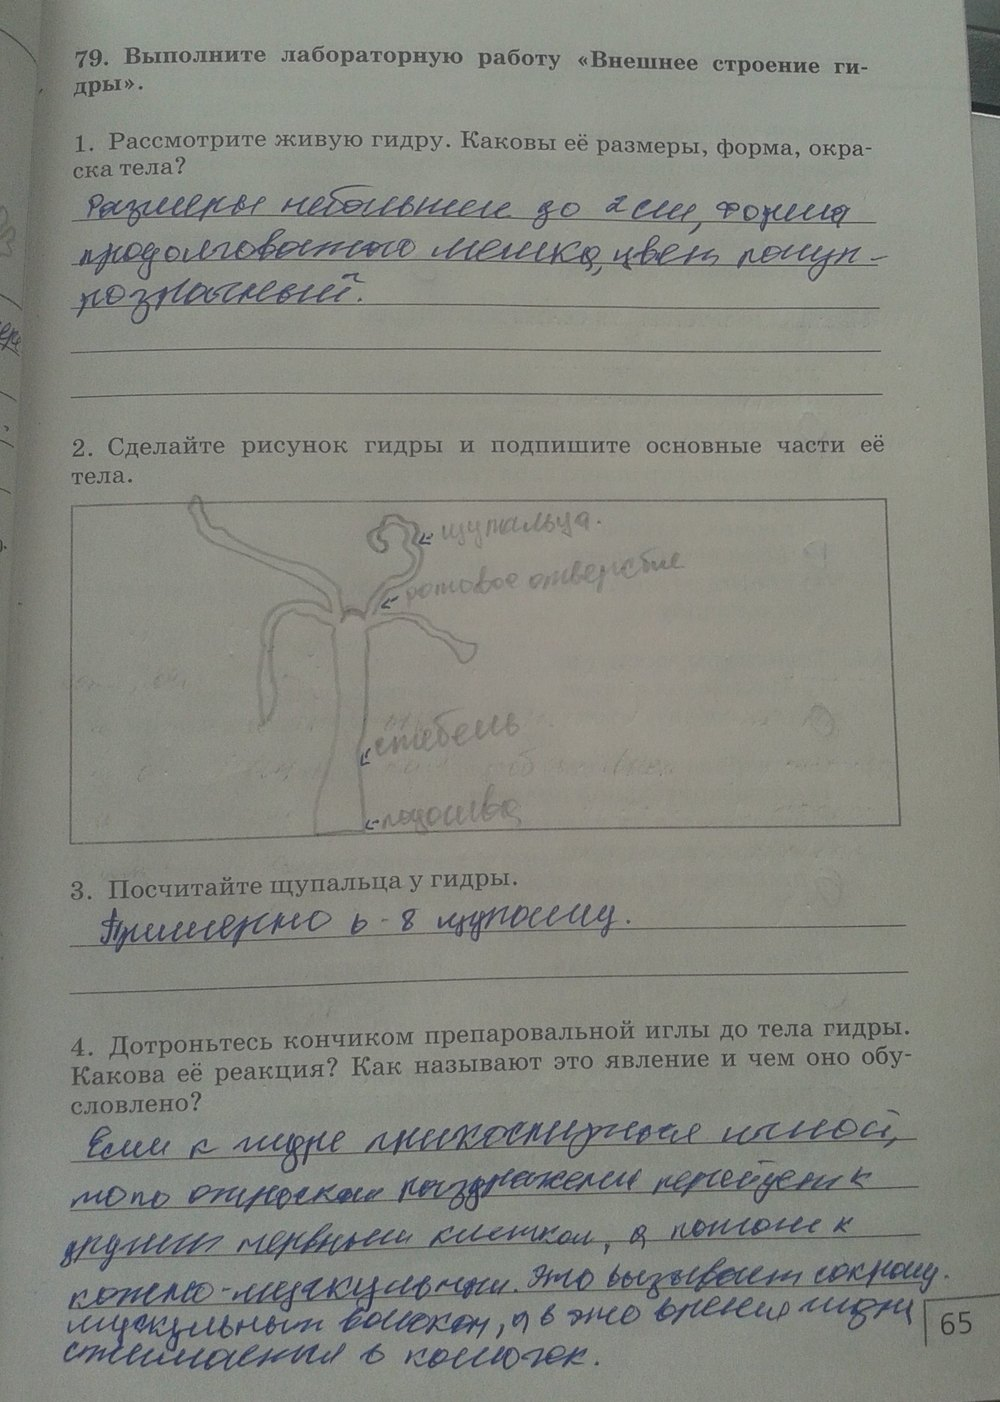 Биология 7 класс раб.тетрадь захаров сонин гдз